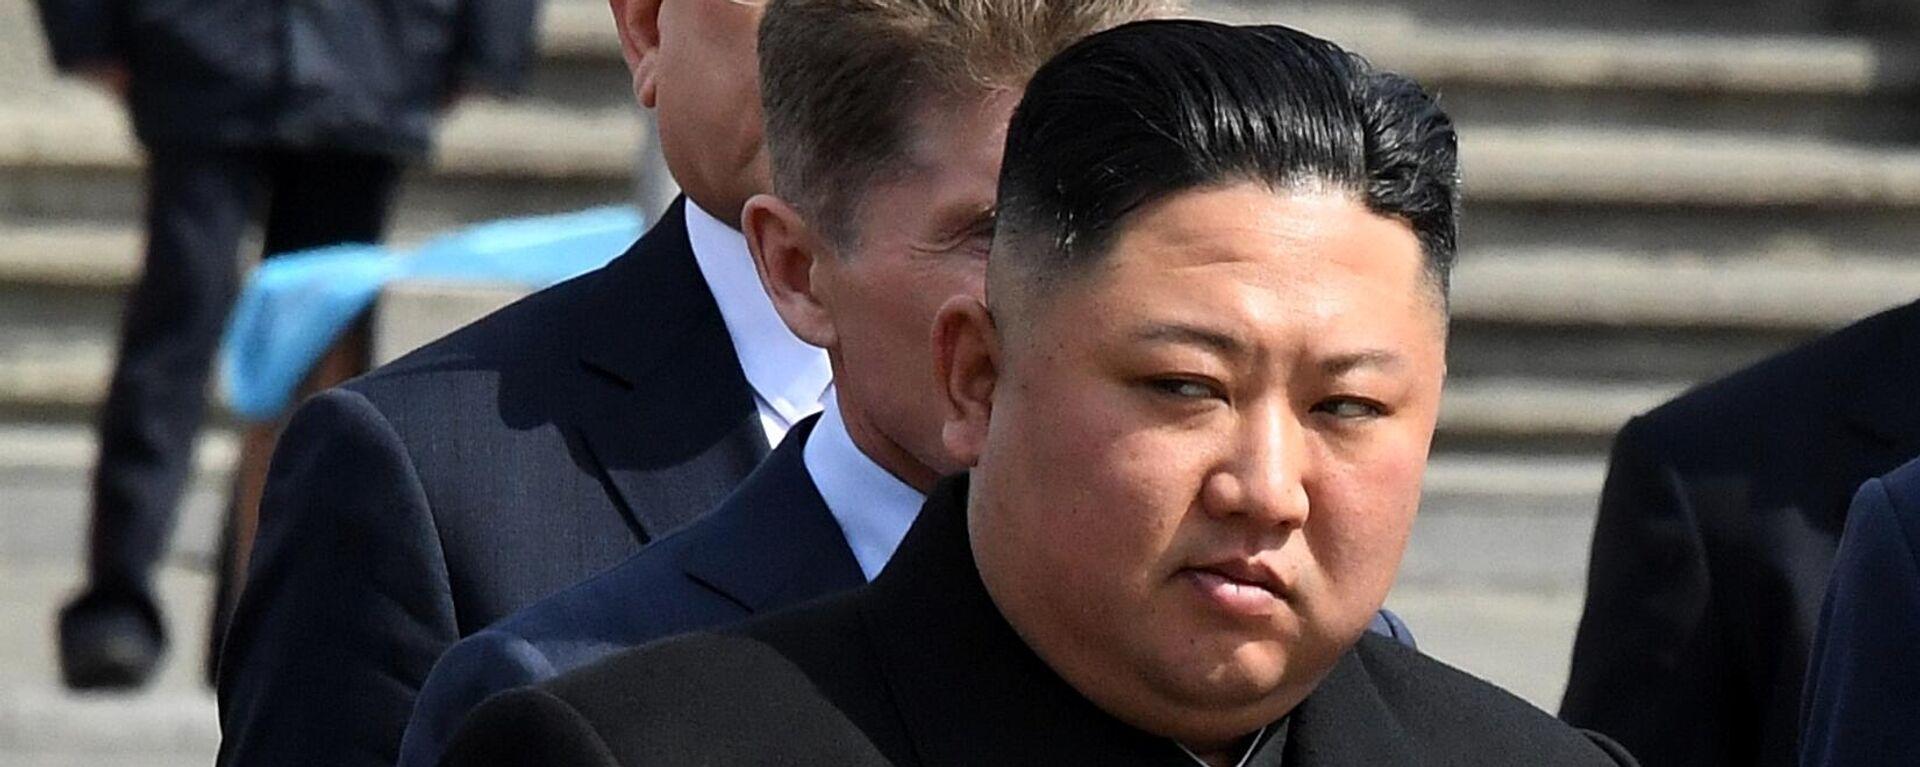 Nordkoreas Staatschef Kim Jong-un (Archivbild) - SNA, 1920, 30.09.2021